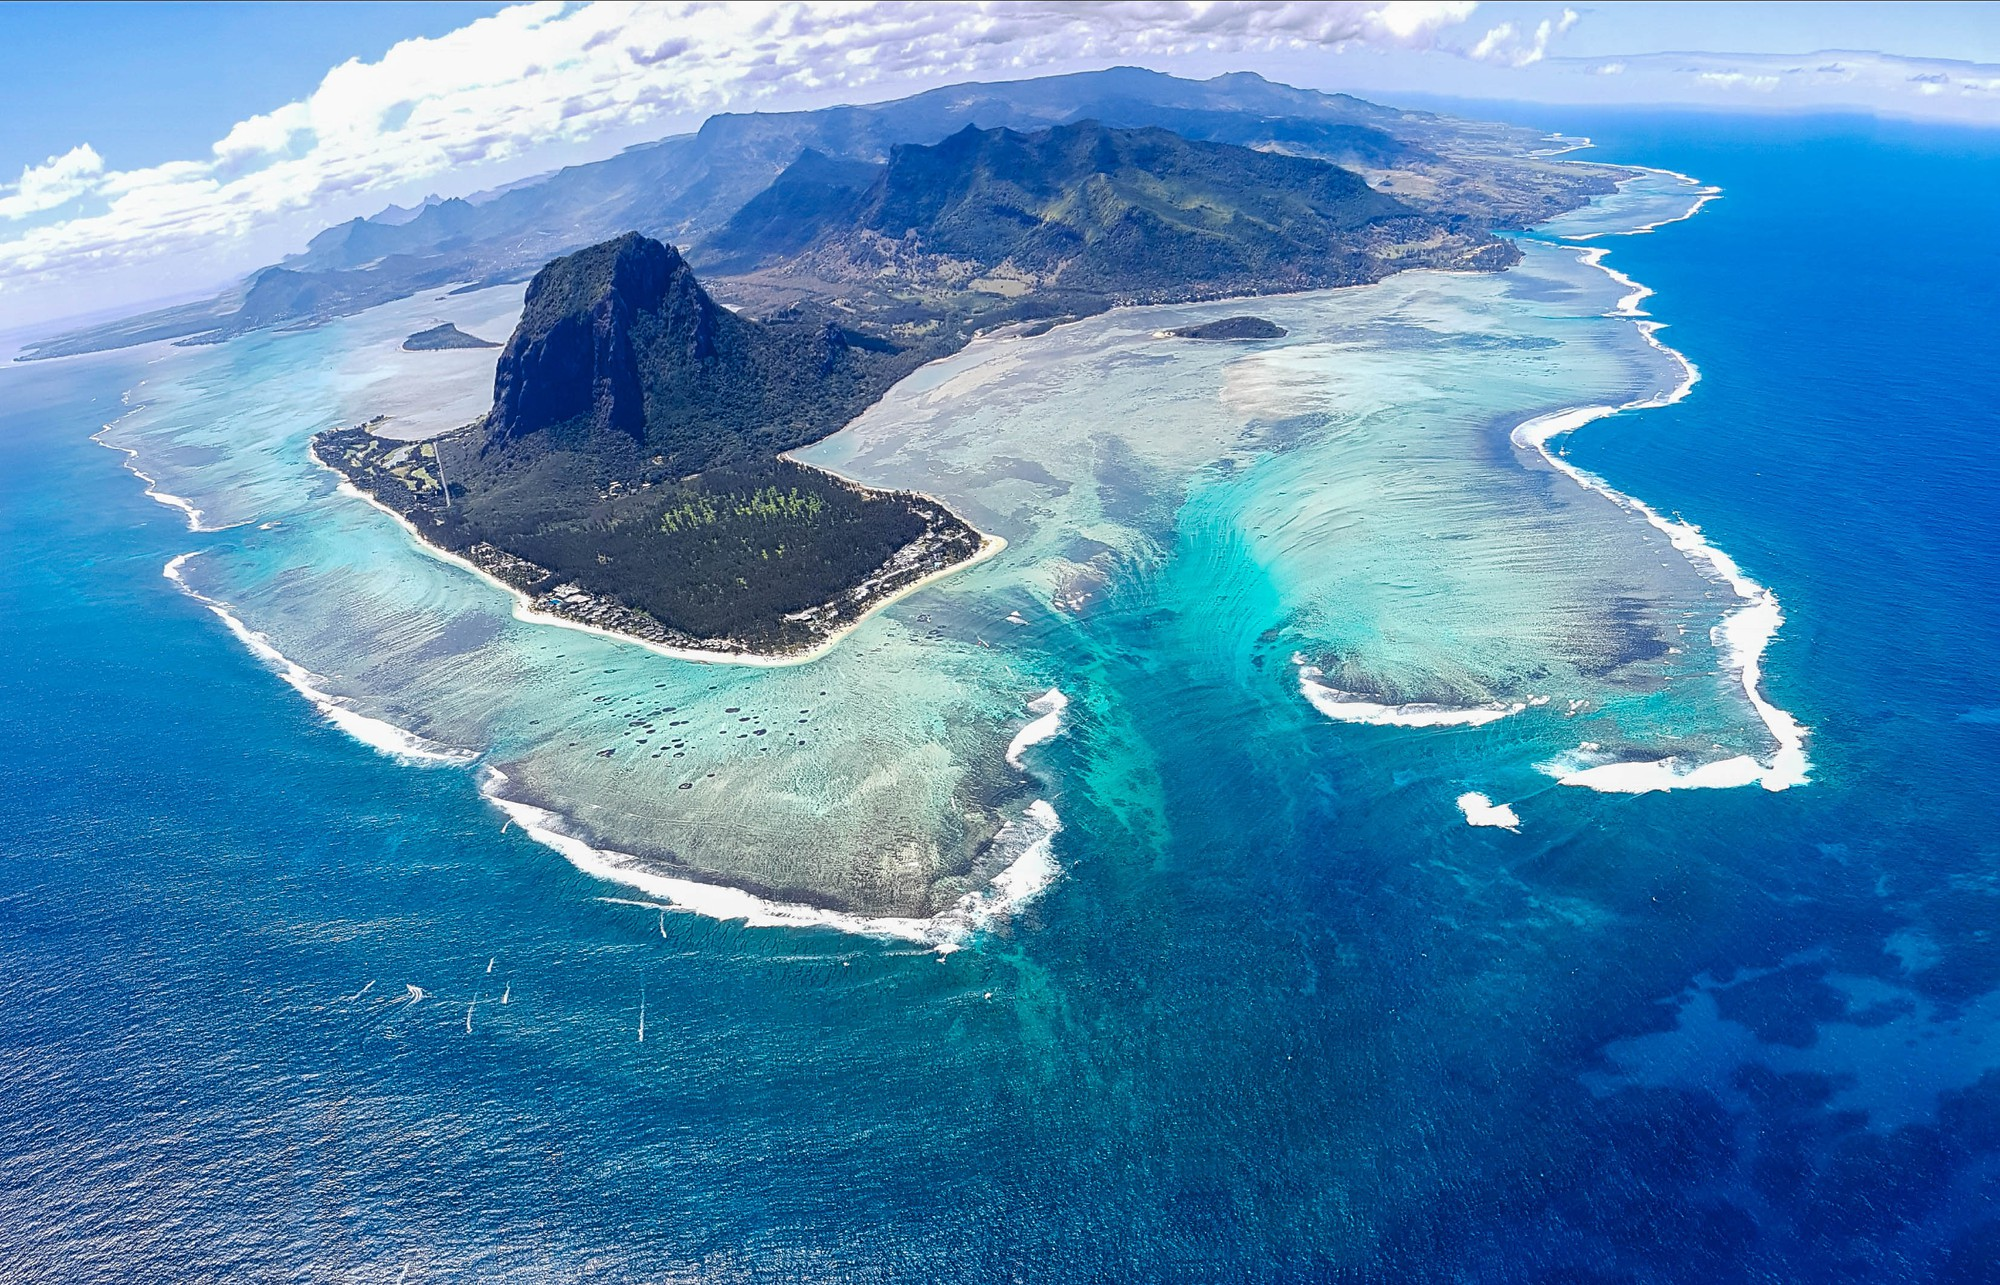 16 kỳ quan thác nước tuyệt đẹp trên khắp thế gian - Ảnh 31.